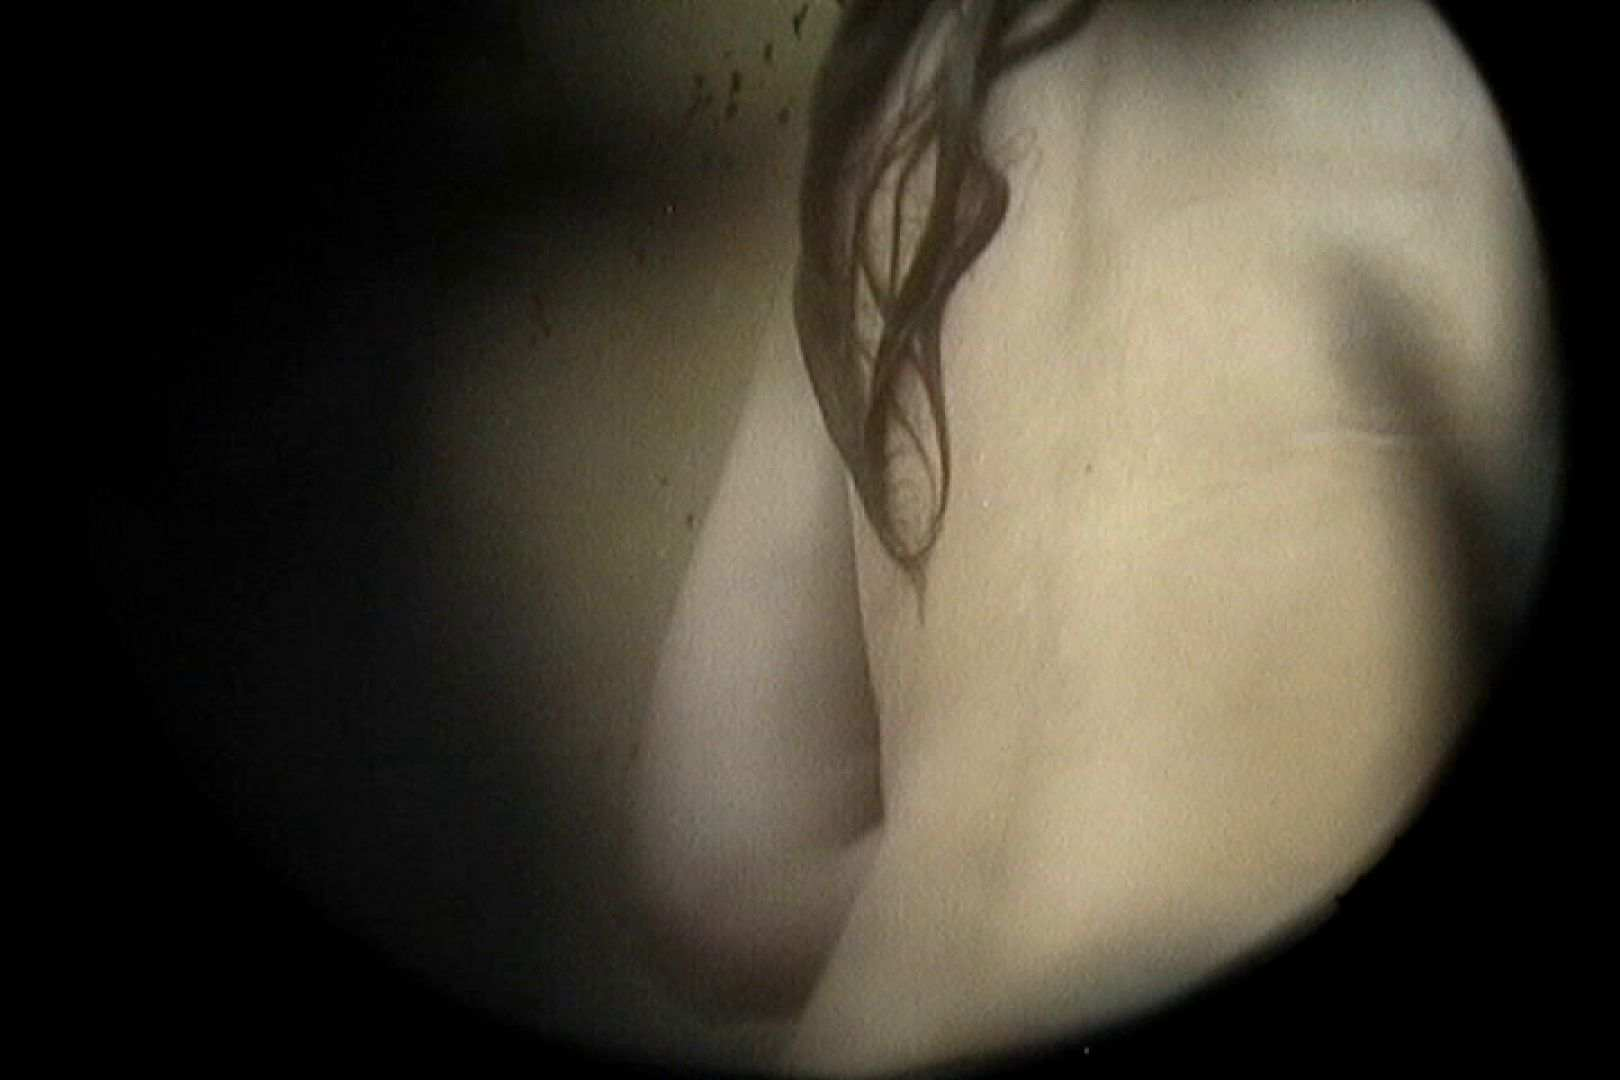 No.47 タンポンの紐を引きたくなりました。 桃色乳首 AV無料動画キャプチャ 61画像 52